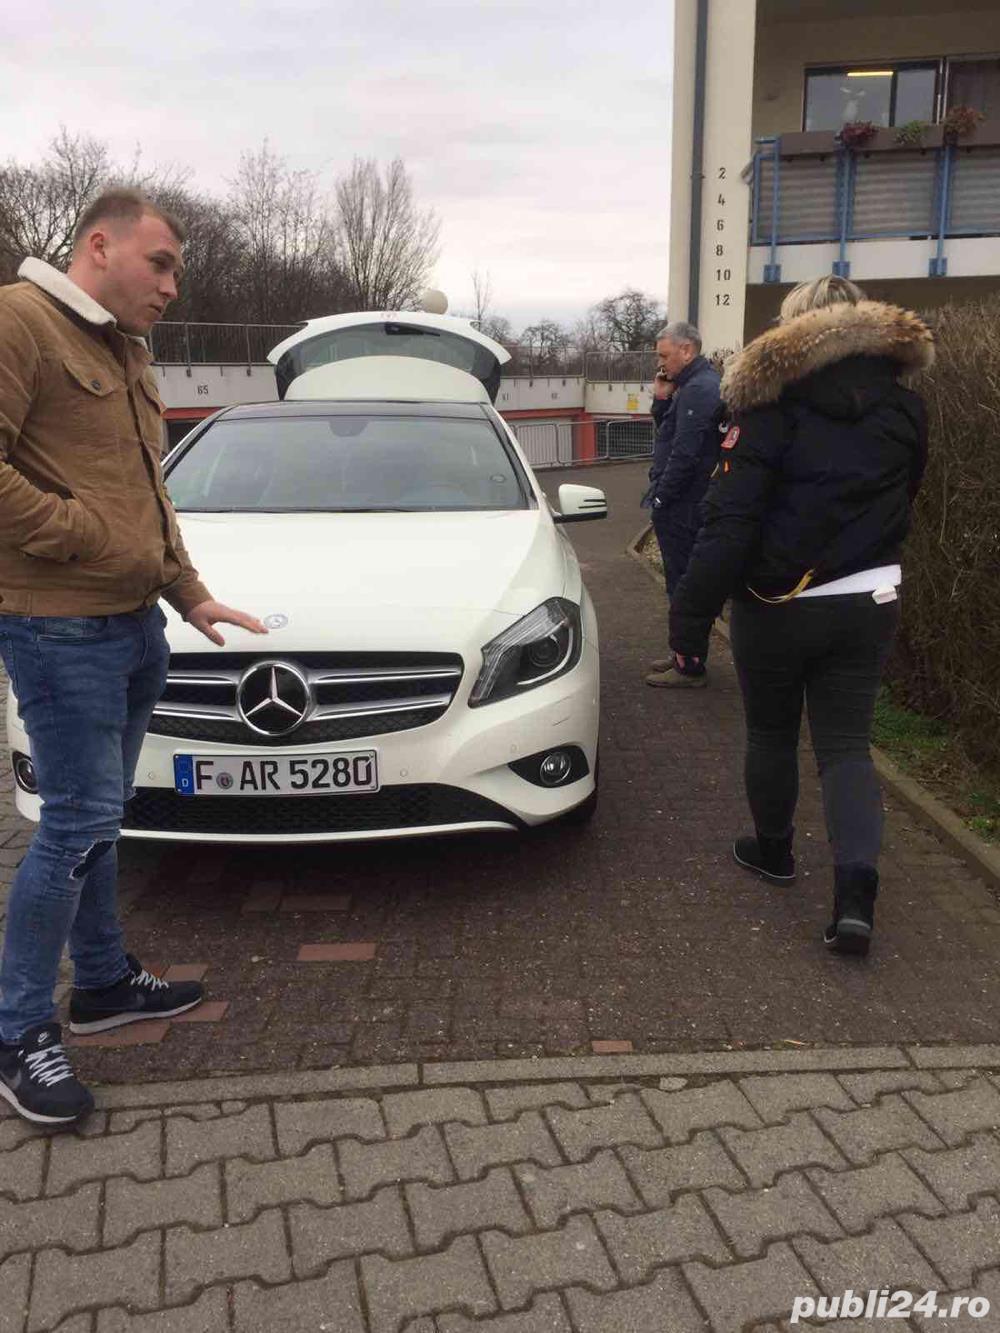 Mercedes-benz A(model deosebit)impecabil recent adus!!!